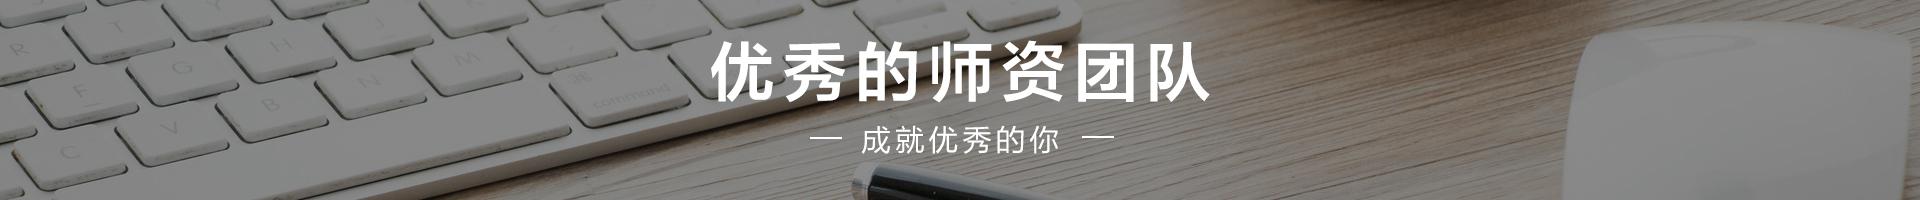 藏象学校师资团队